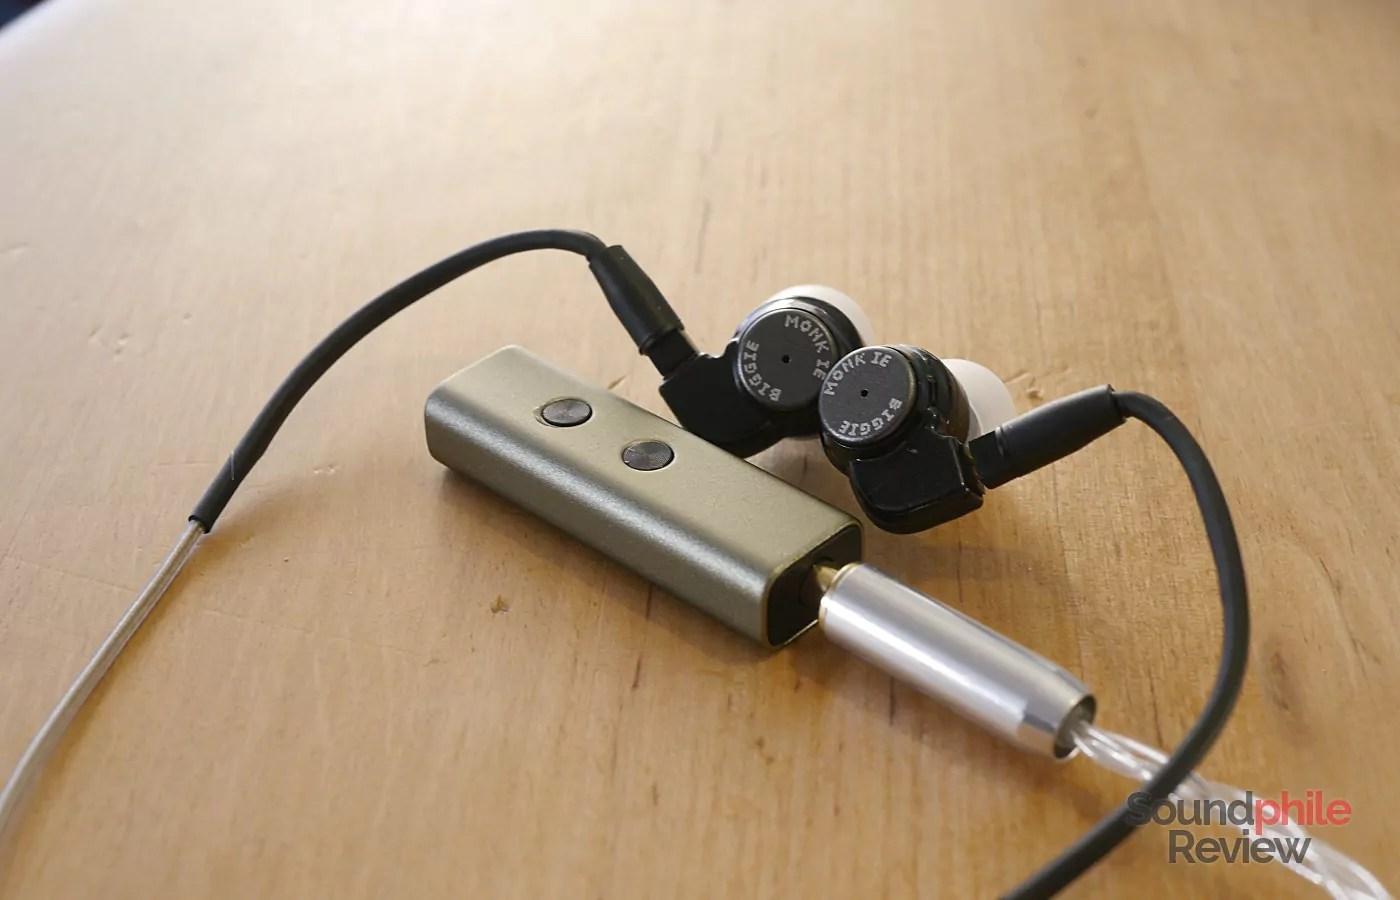 VE Monk IE ZuperDAC-S Headphones in Pictures